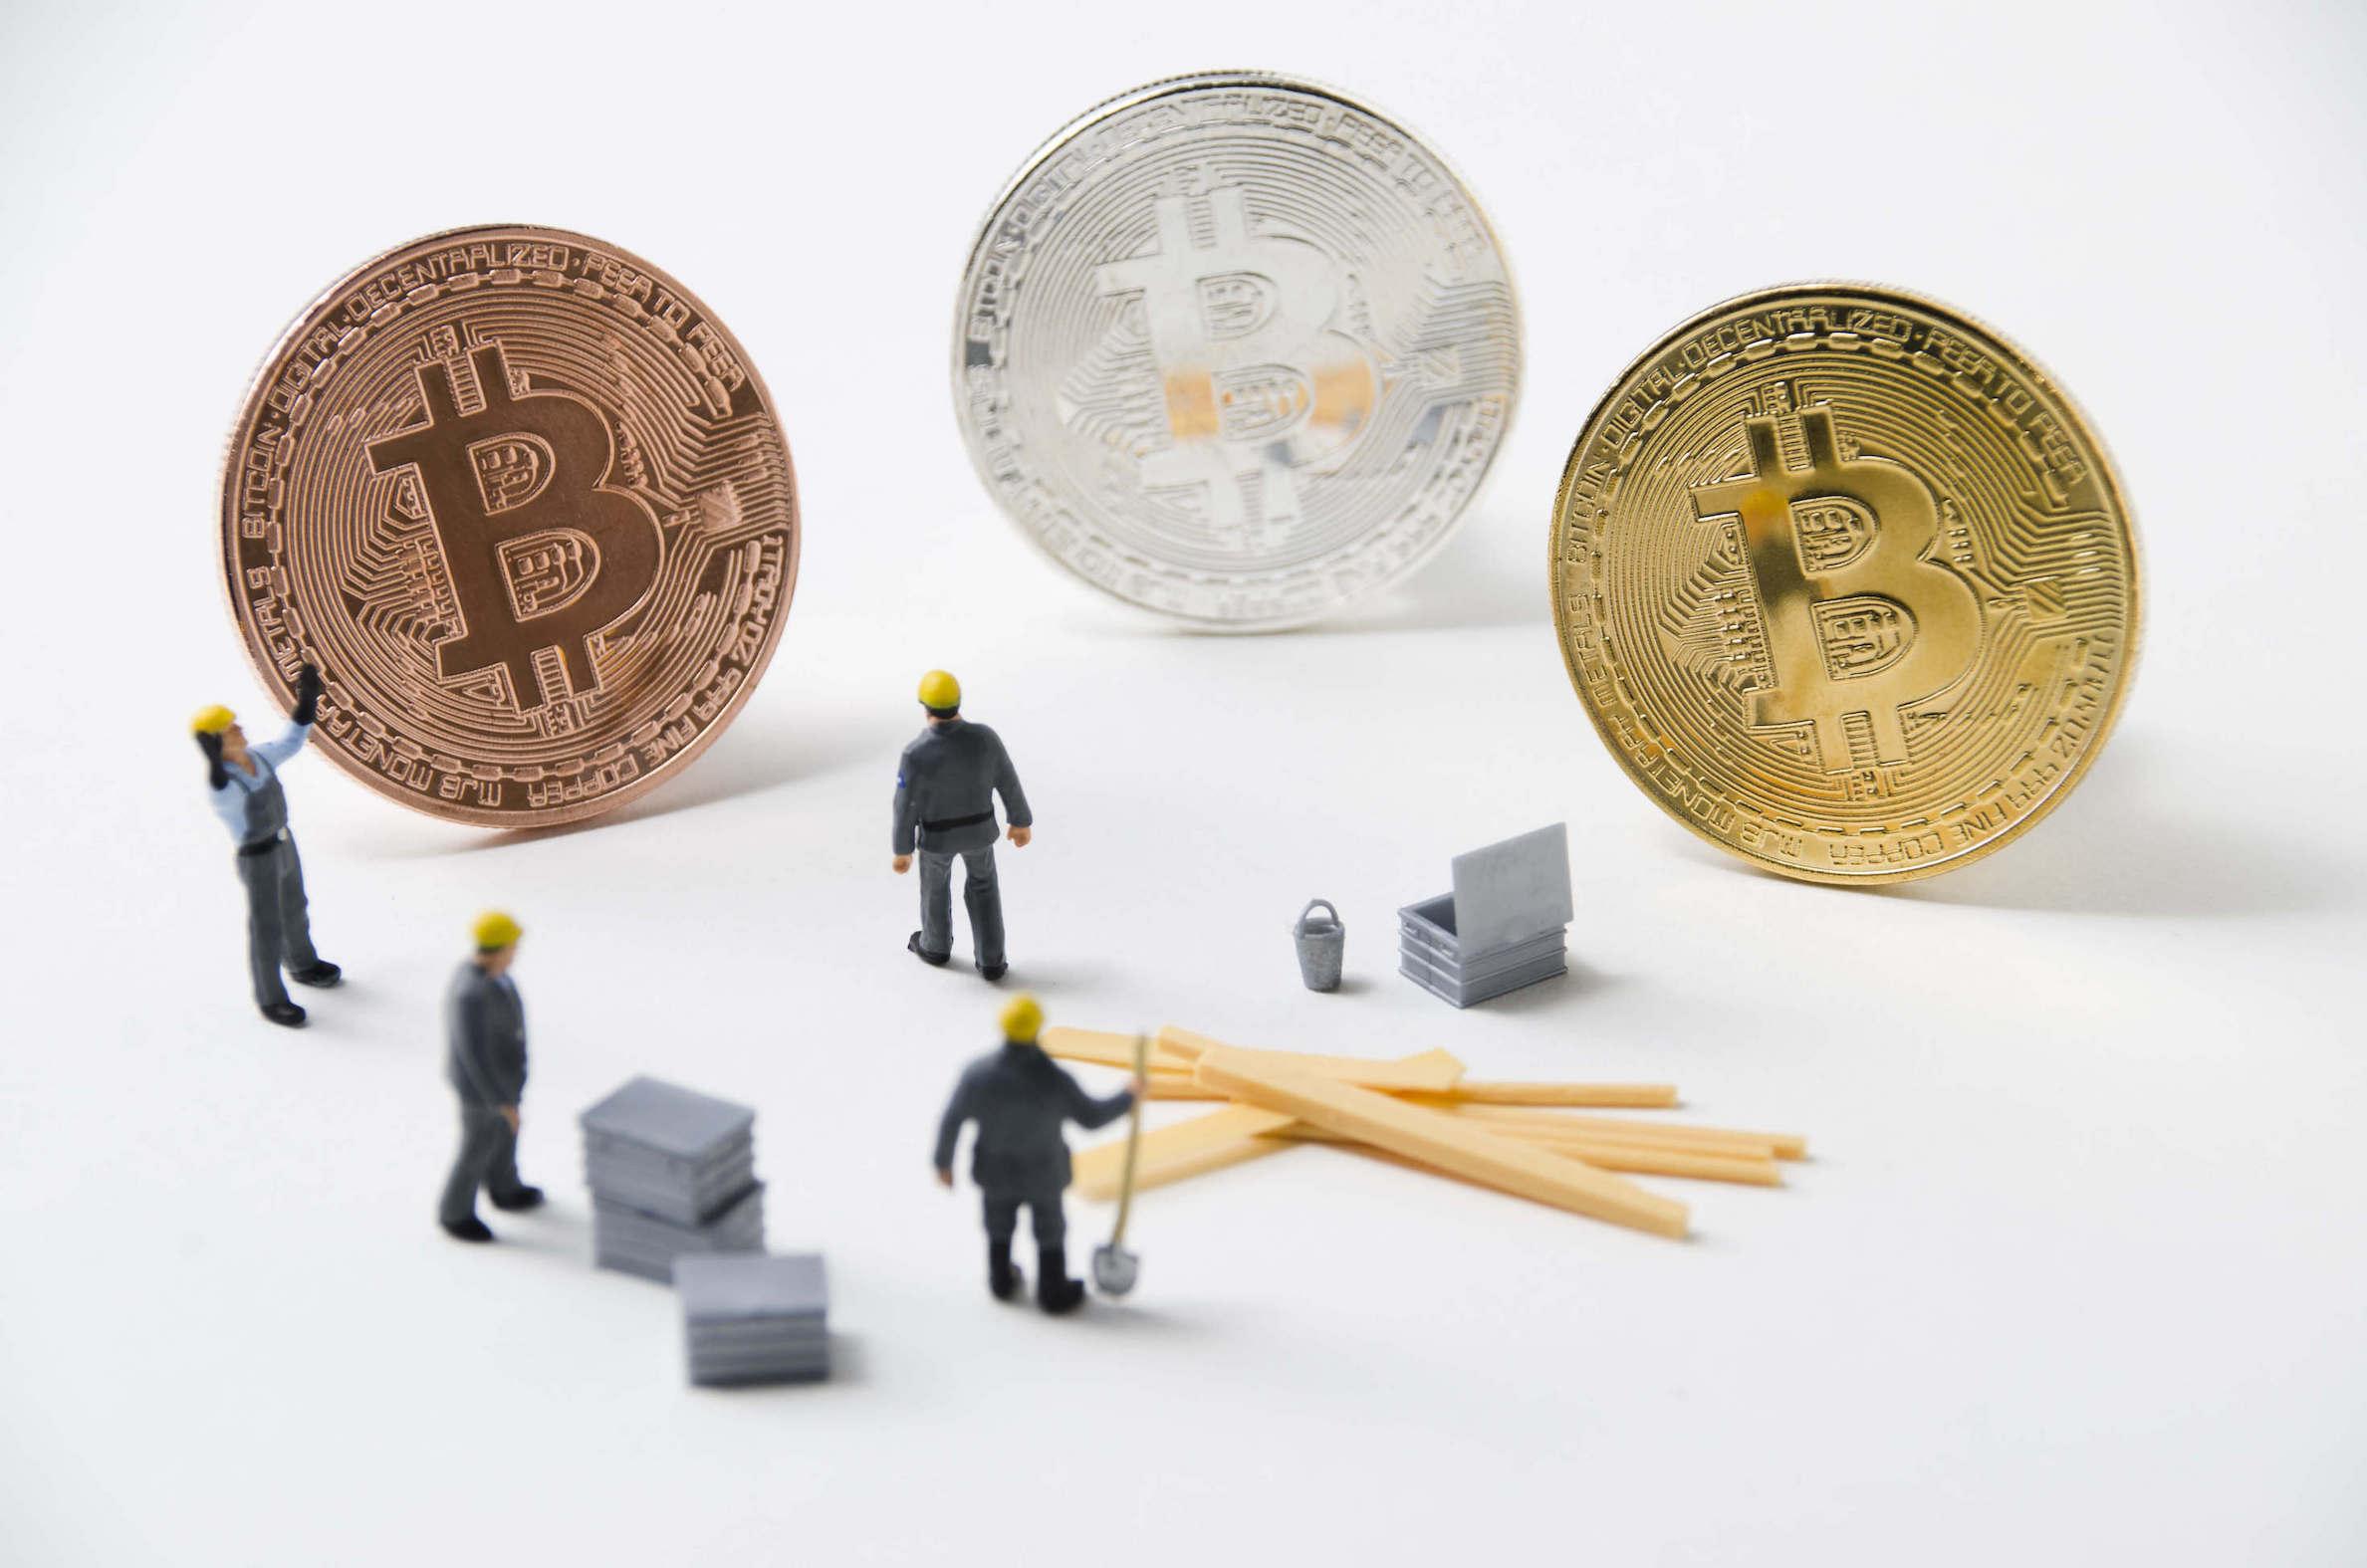 ビットコイン(BTC)マイニングの3つの方法と仕組みを解説